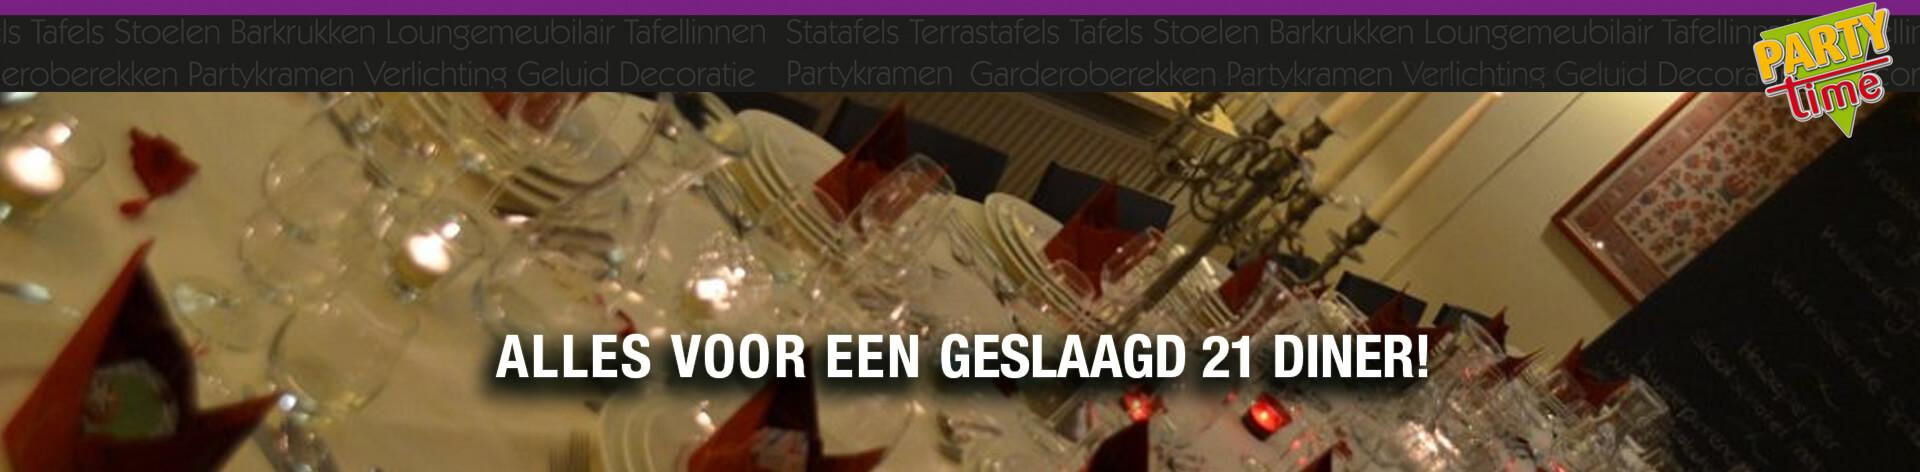 21 diner - Party-Time Verhuur & Organisatie